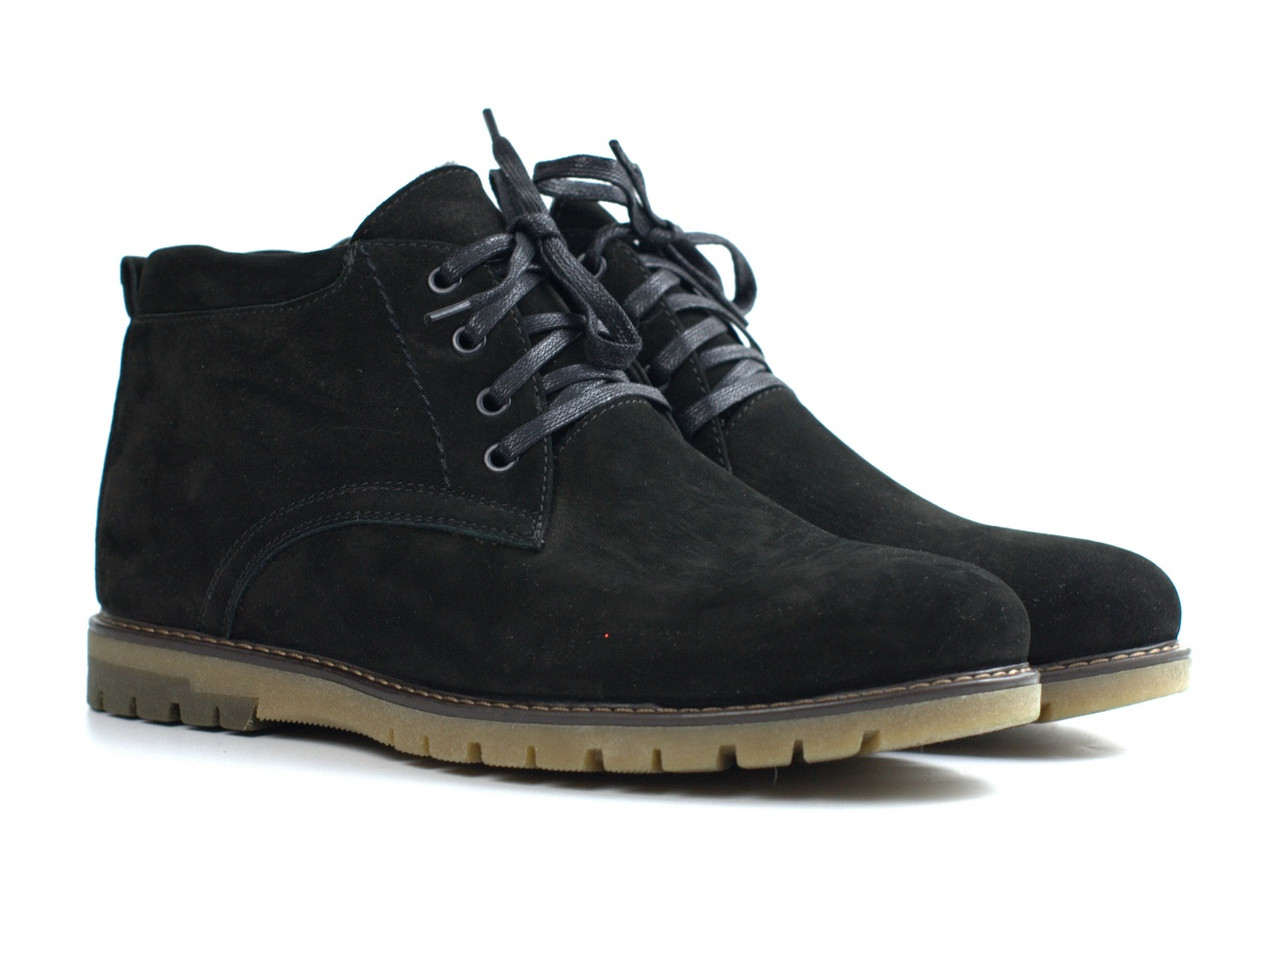 Большой размер Замшевые зимние мужские ботинки замша натуральные Rosso Avangard Bonmarito Black Vel черные